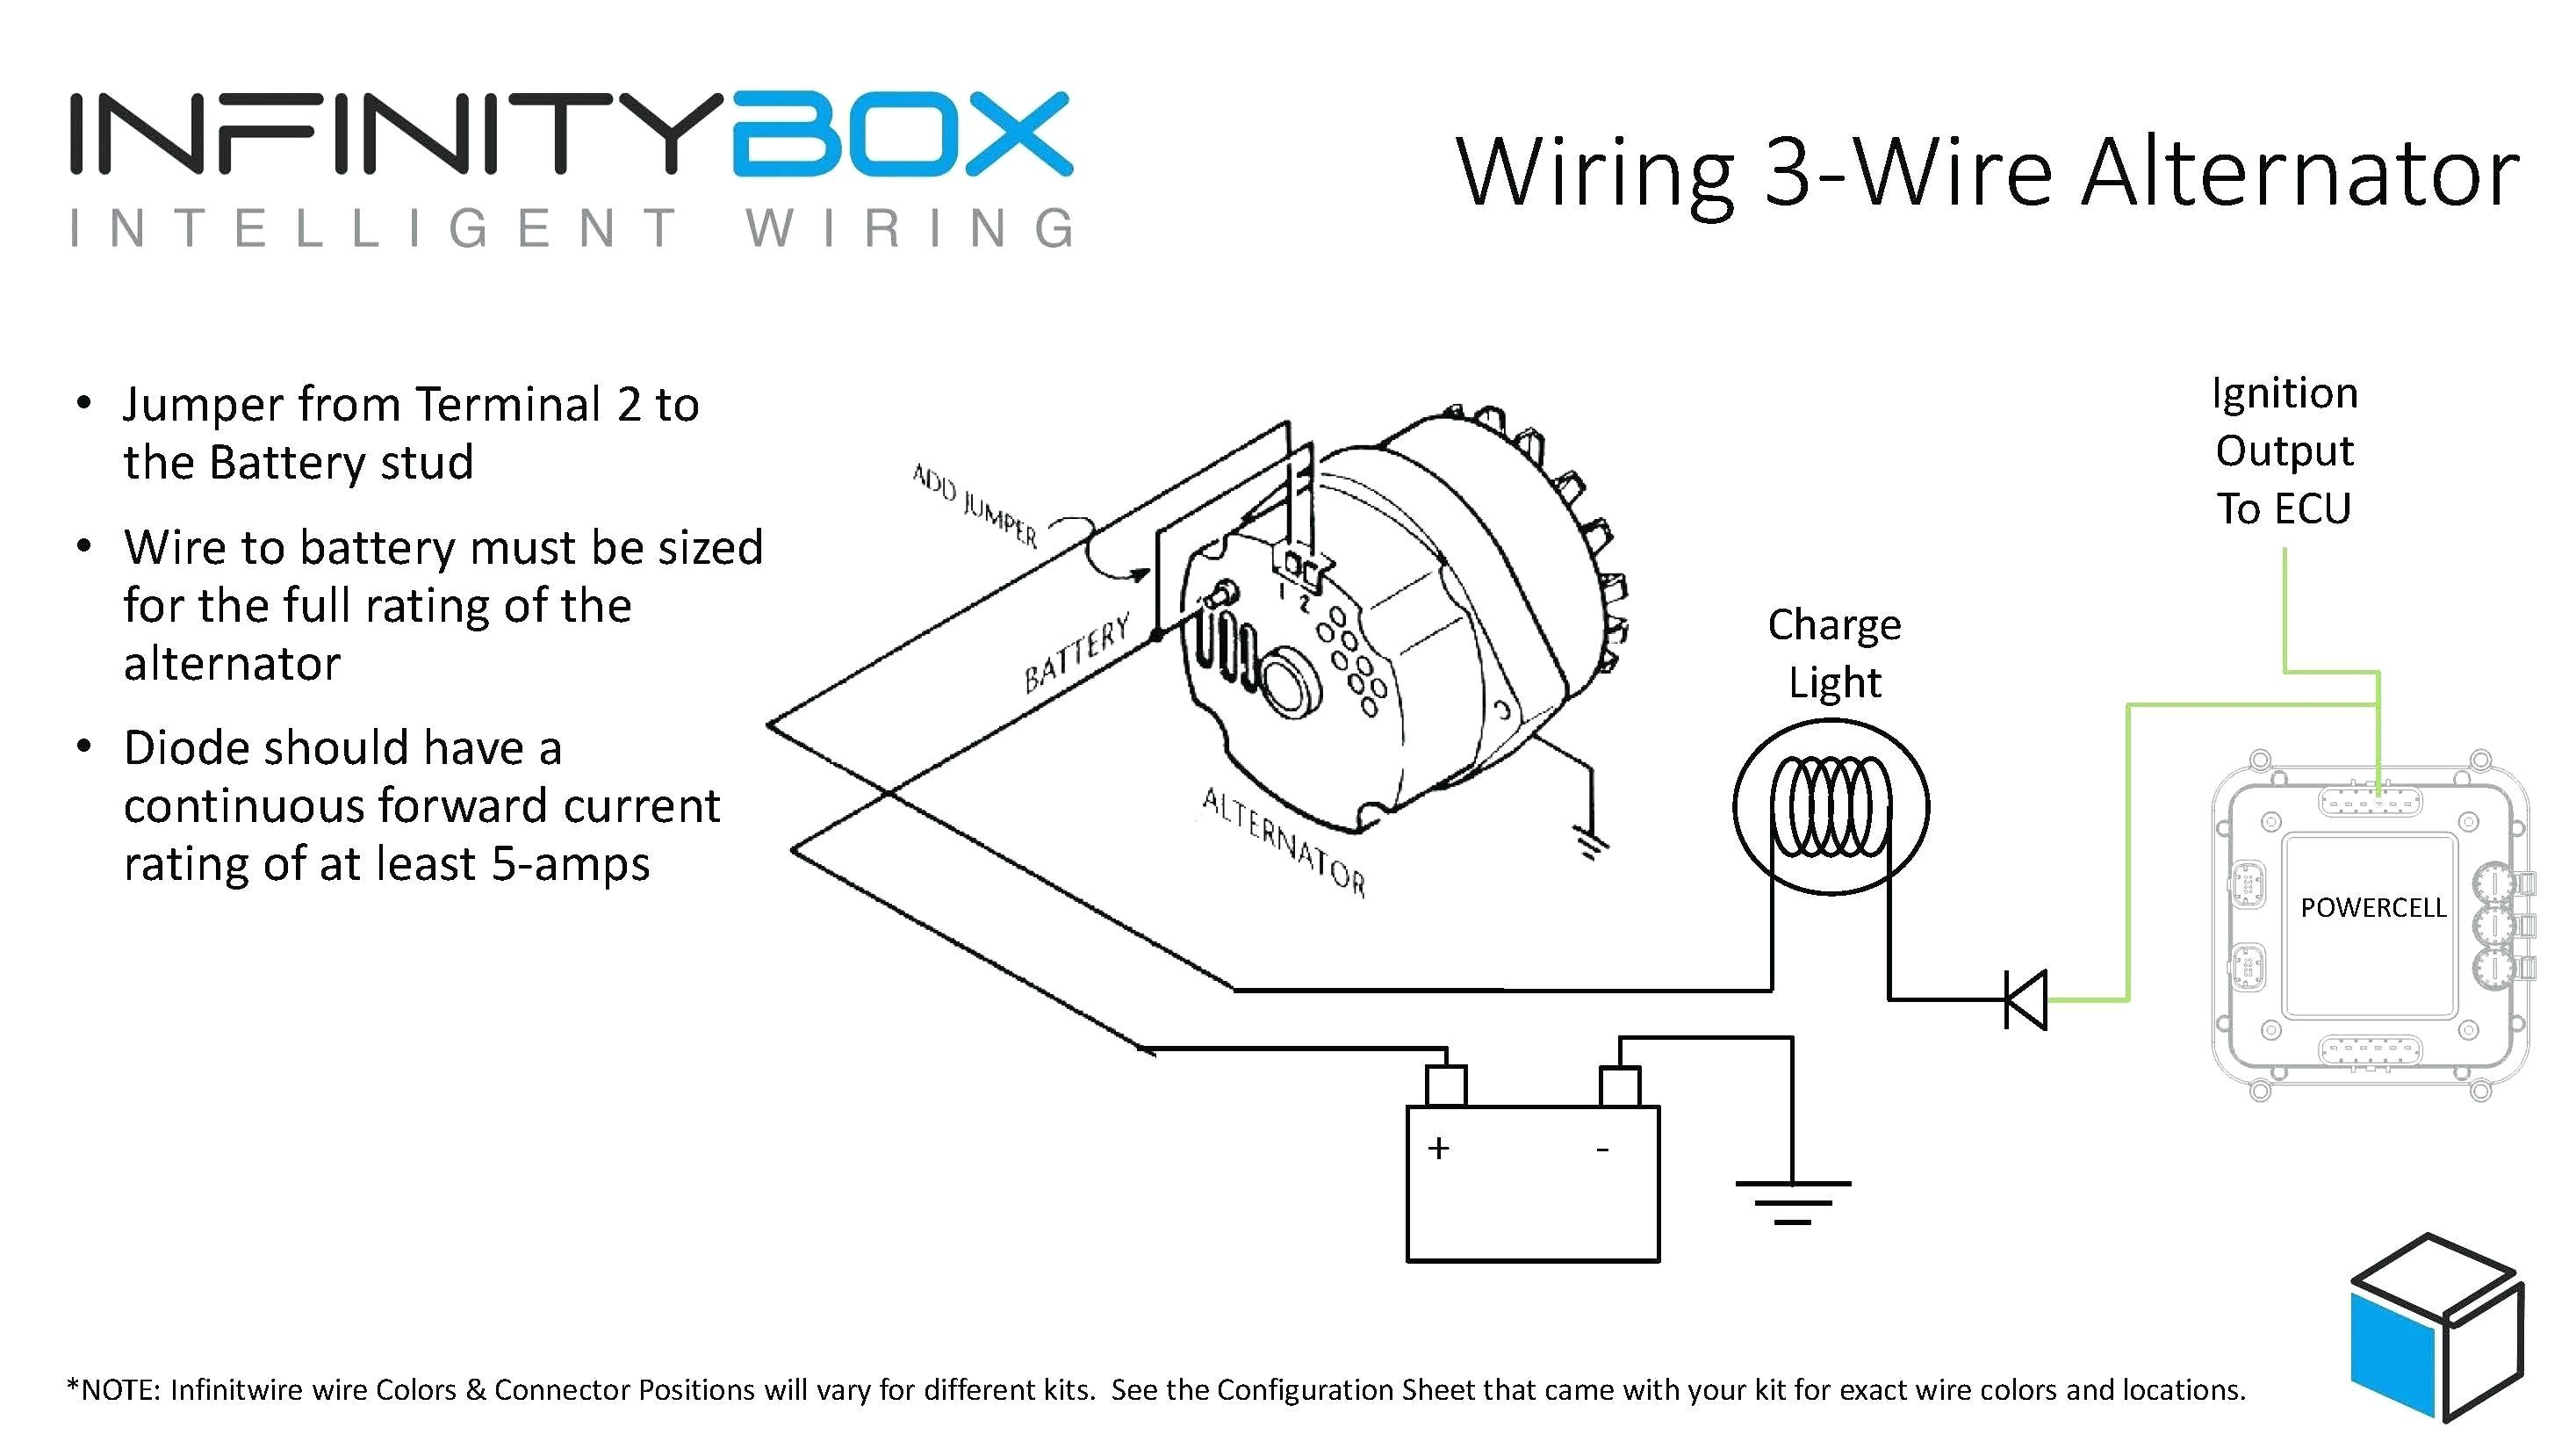 two wire alternator wiring diagram 2001 grand vitara wiringsuzuki alternator wiring wiring diagrams konsult suzuki alternator